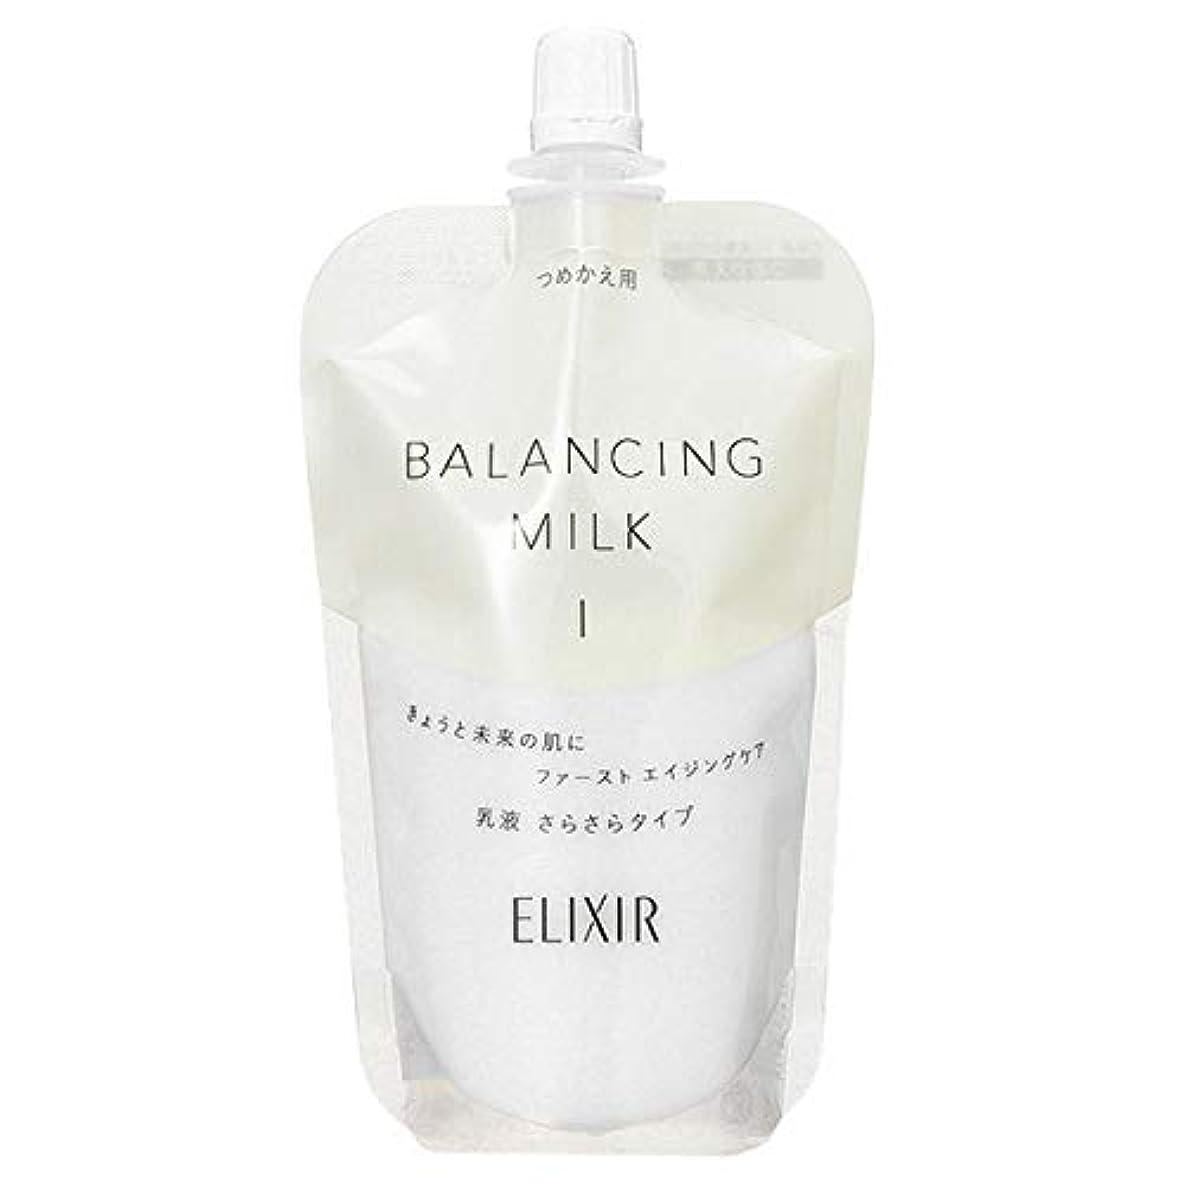 書誌ランドリーヘアシセイドウ 資生堂 エリクシール ルフレ バランシング ミルク (つめかえ用) 110mL II とろとろタイプ (在庫) [並行輸入品]